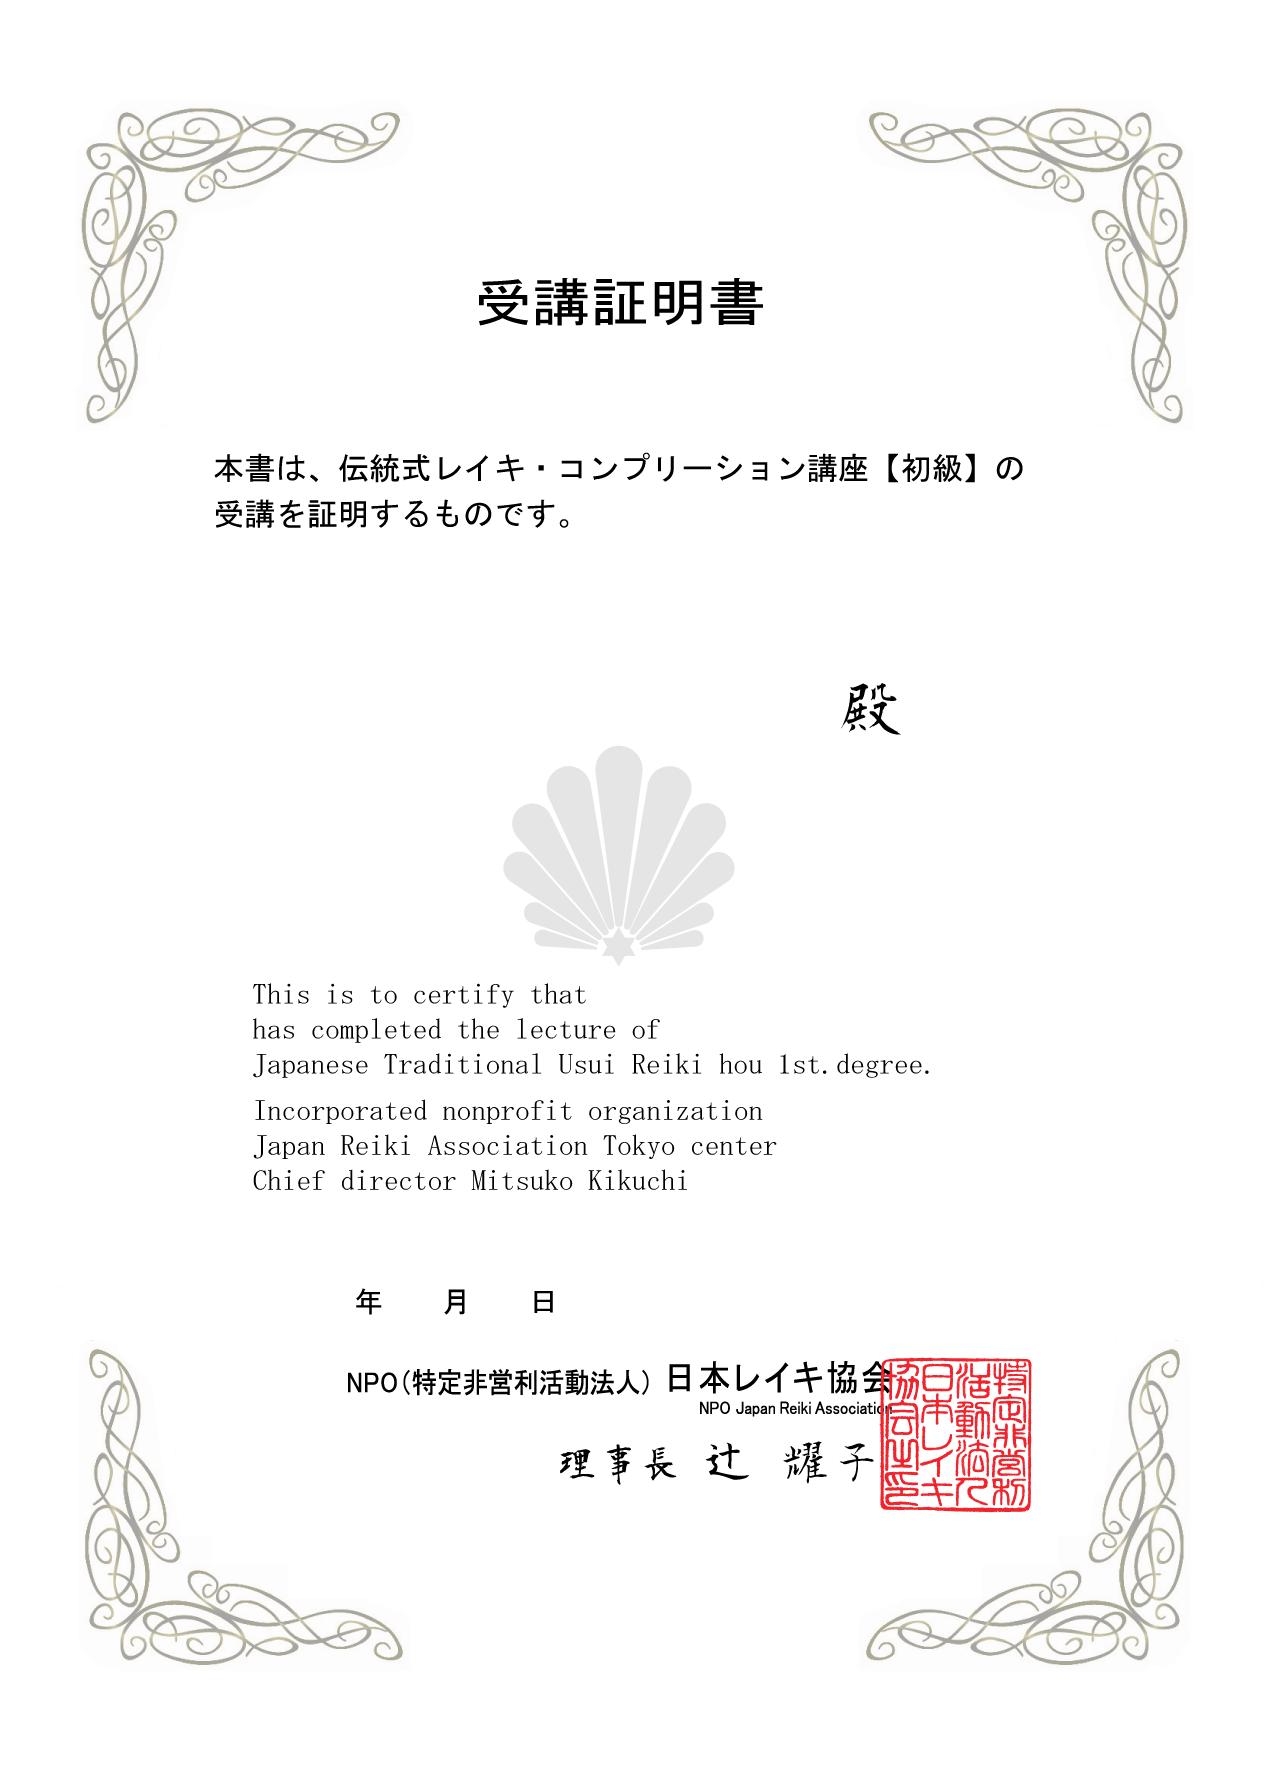 NPO法人日本レイキ協会 受講証明 画像